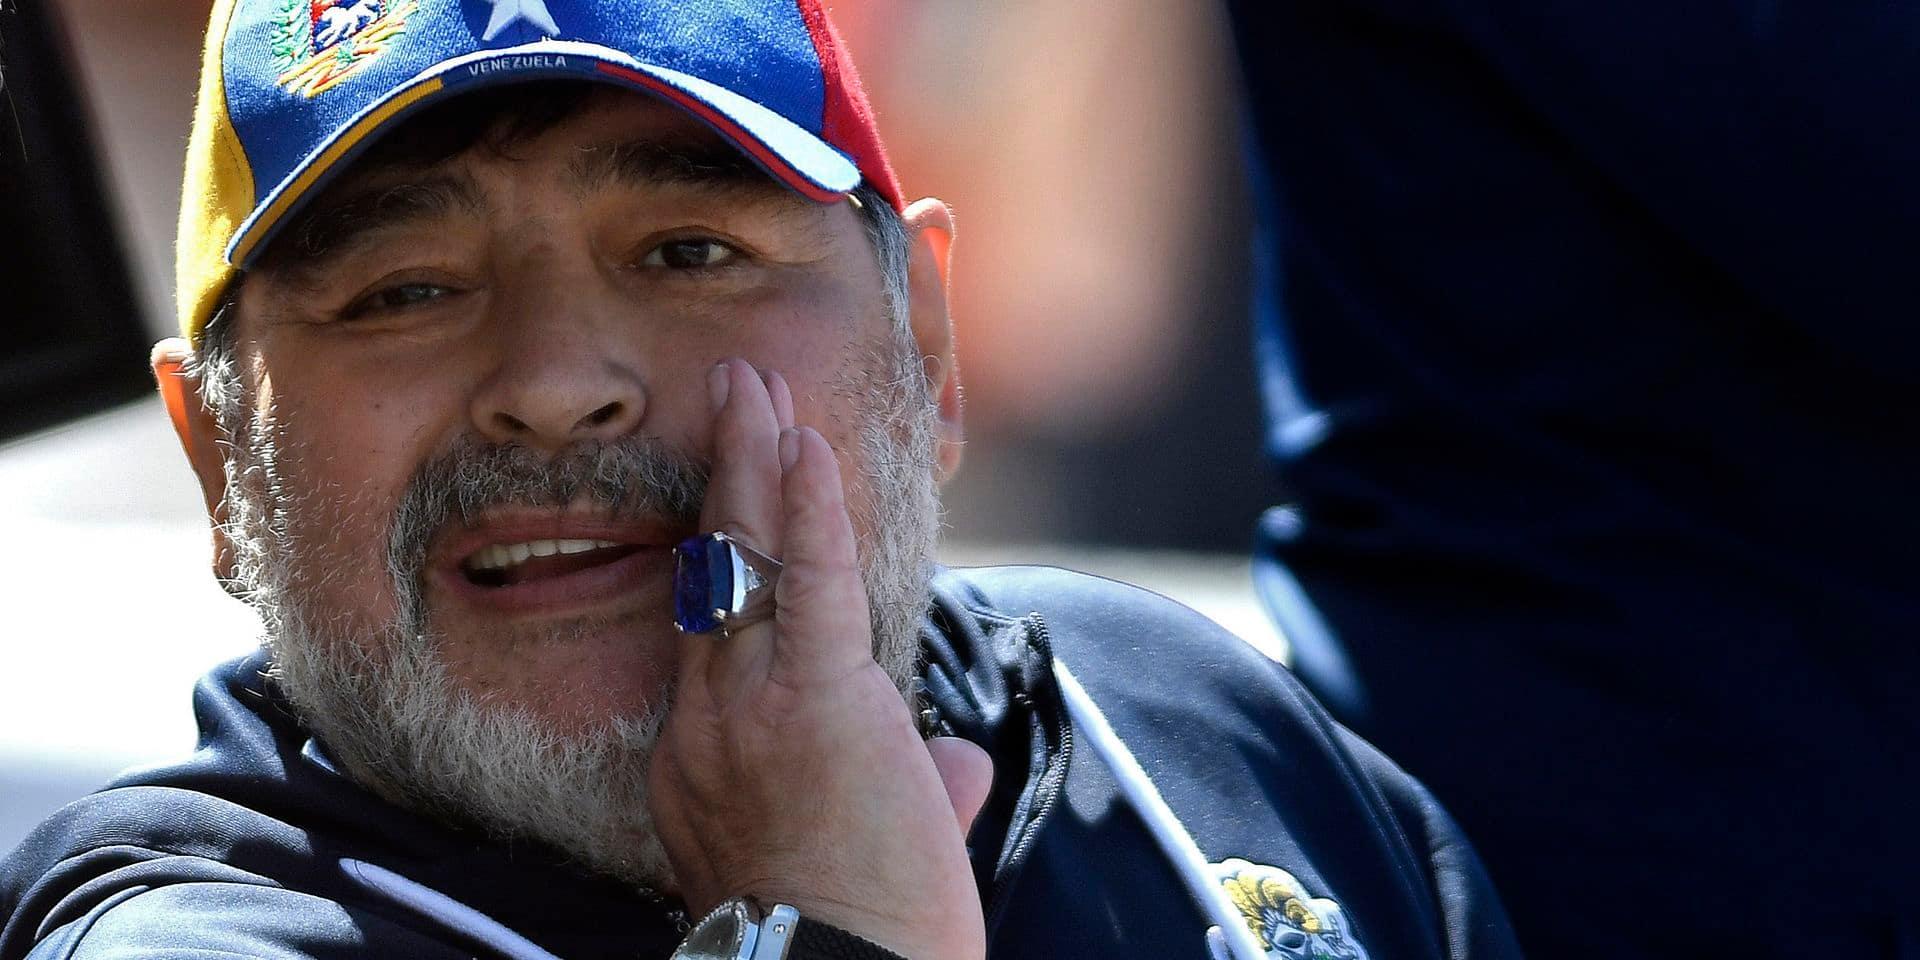 Maradona coache son équipe depuis... un trône